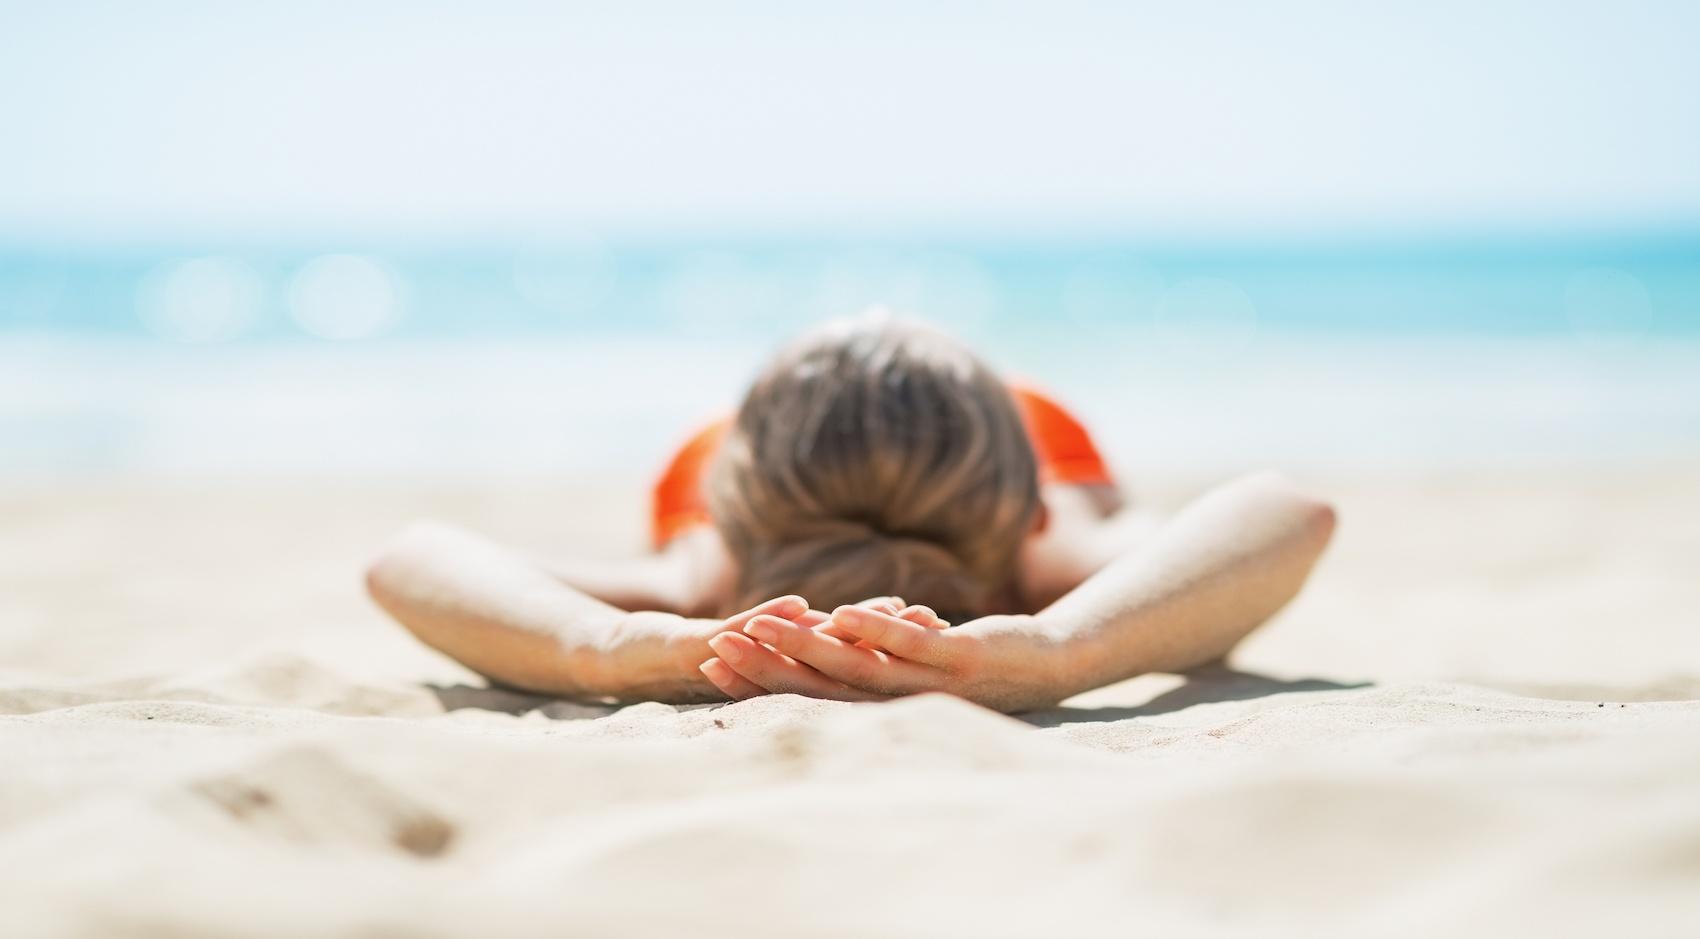 Woman lying on a beach